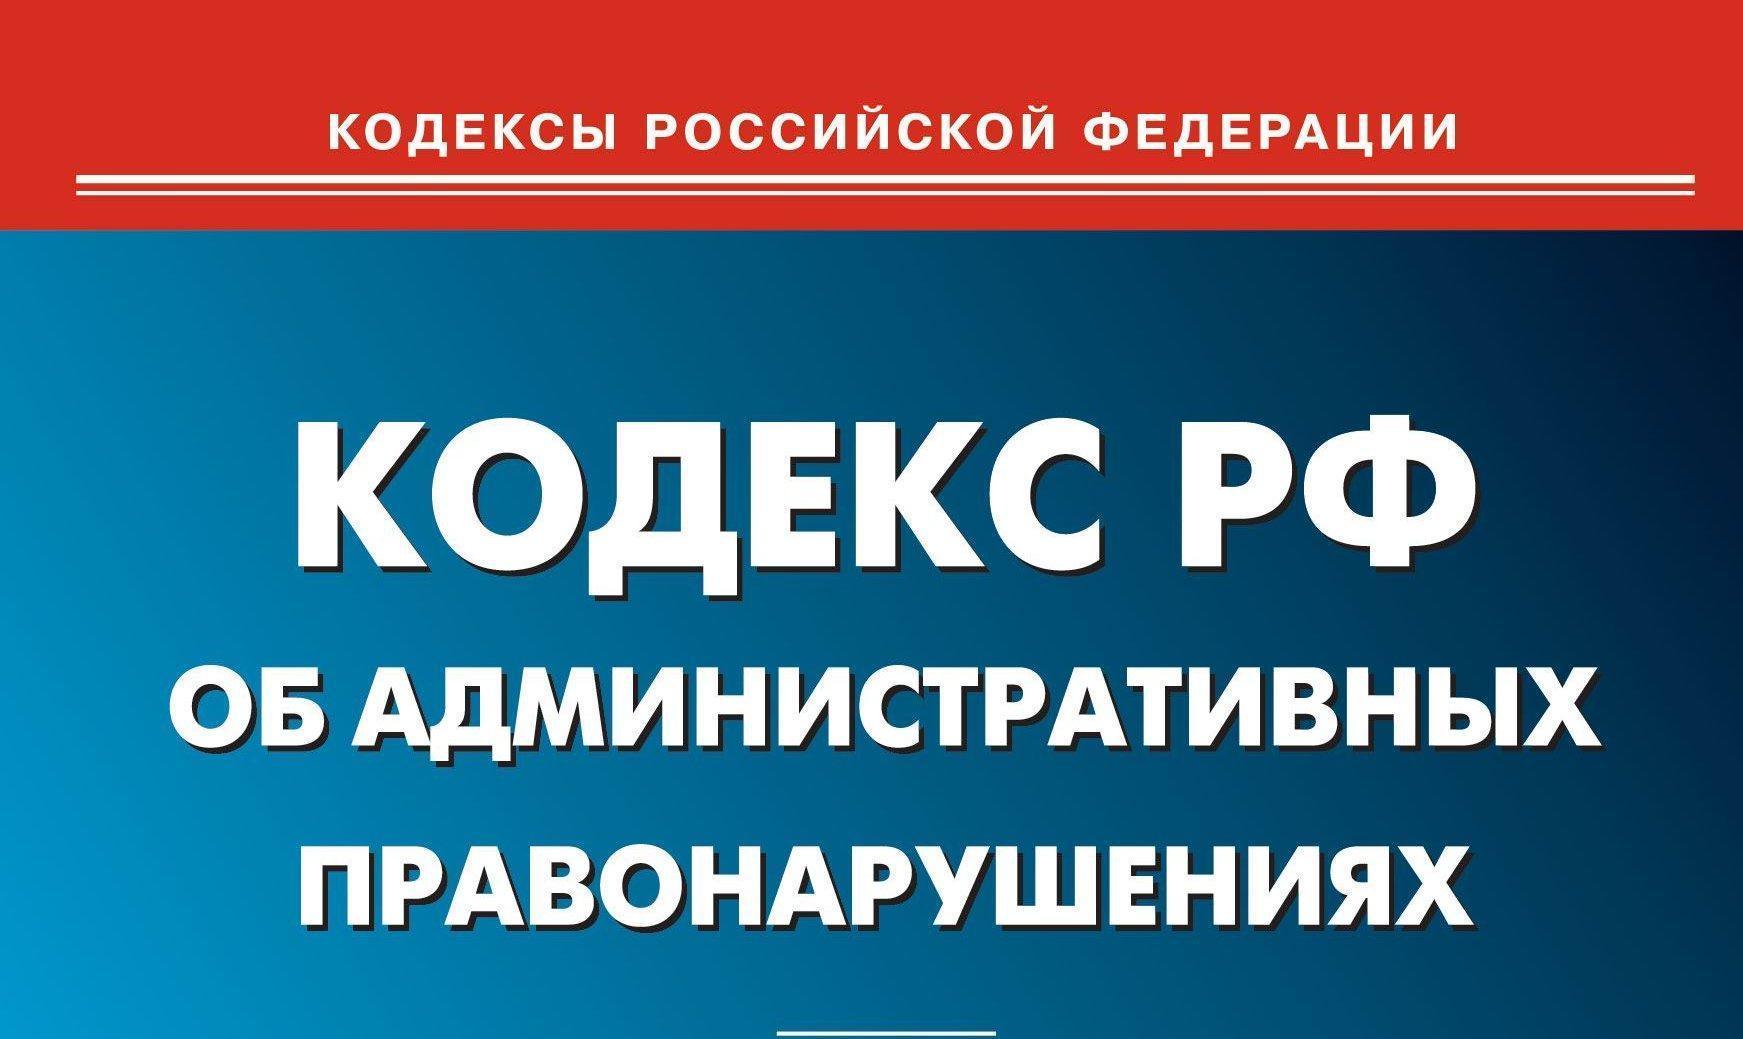 Коап, россия - деловой квартал